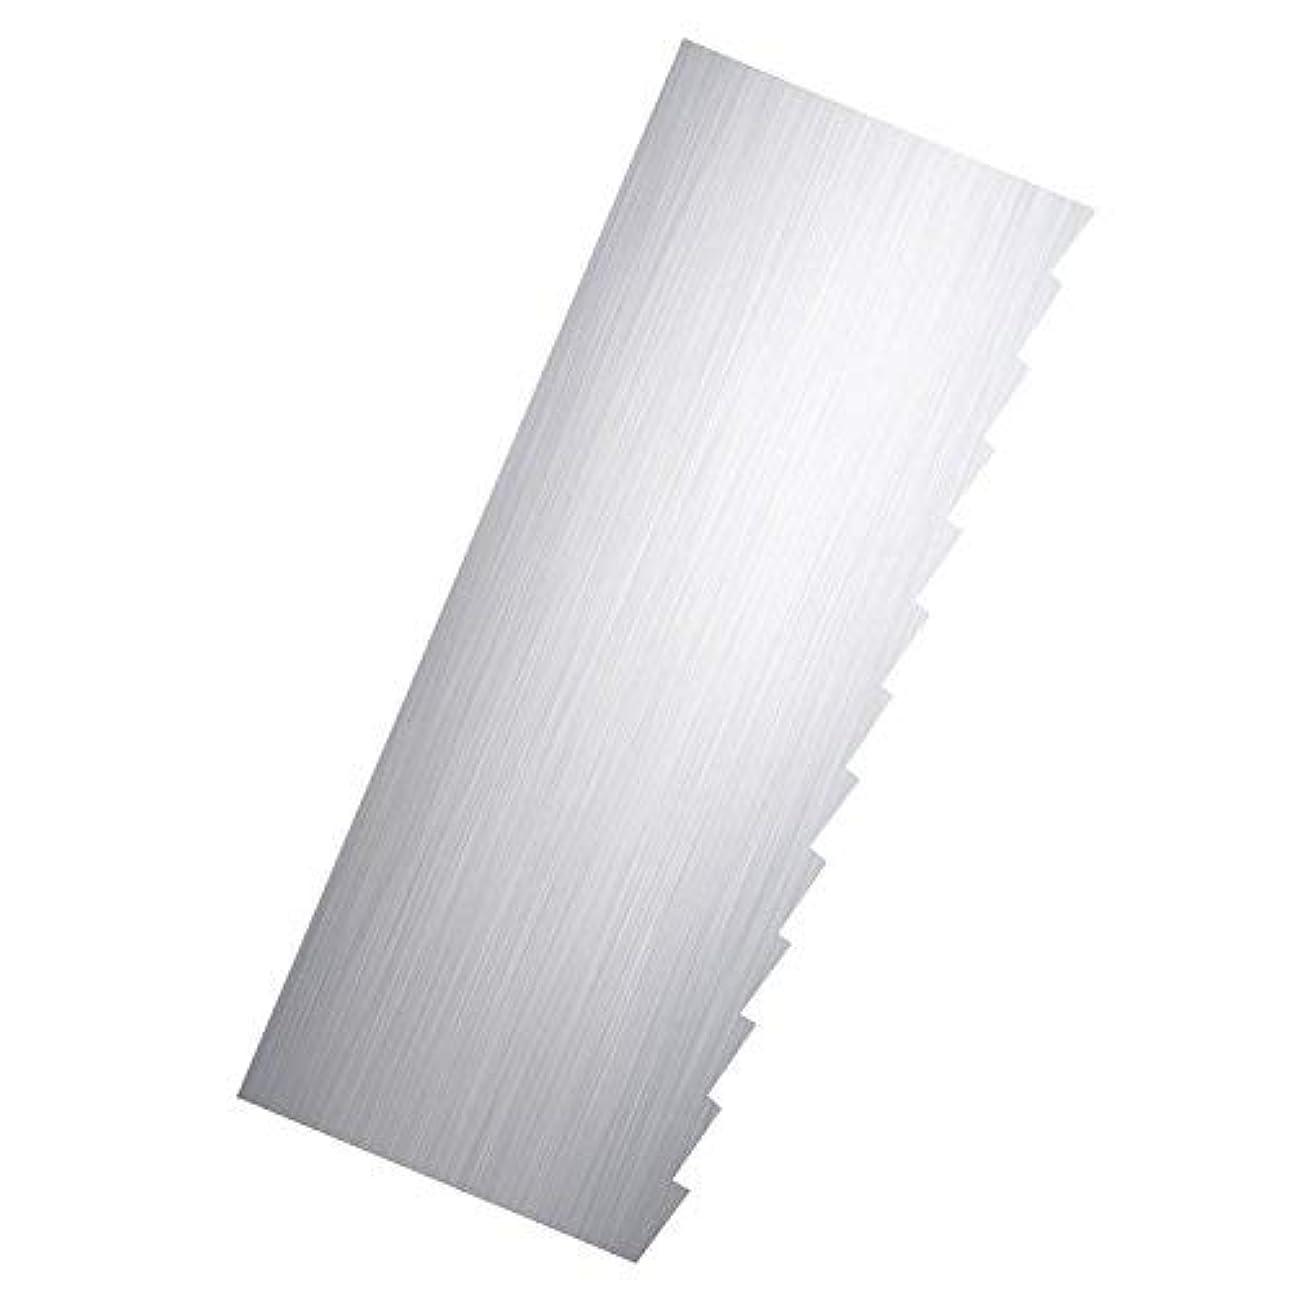 冷える入射彼らのものRibbon Stripe Pleated Contour Combs Scraper [並行輸入品]